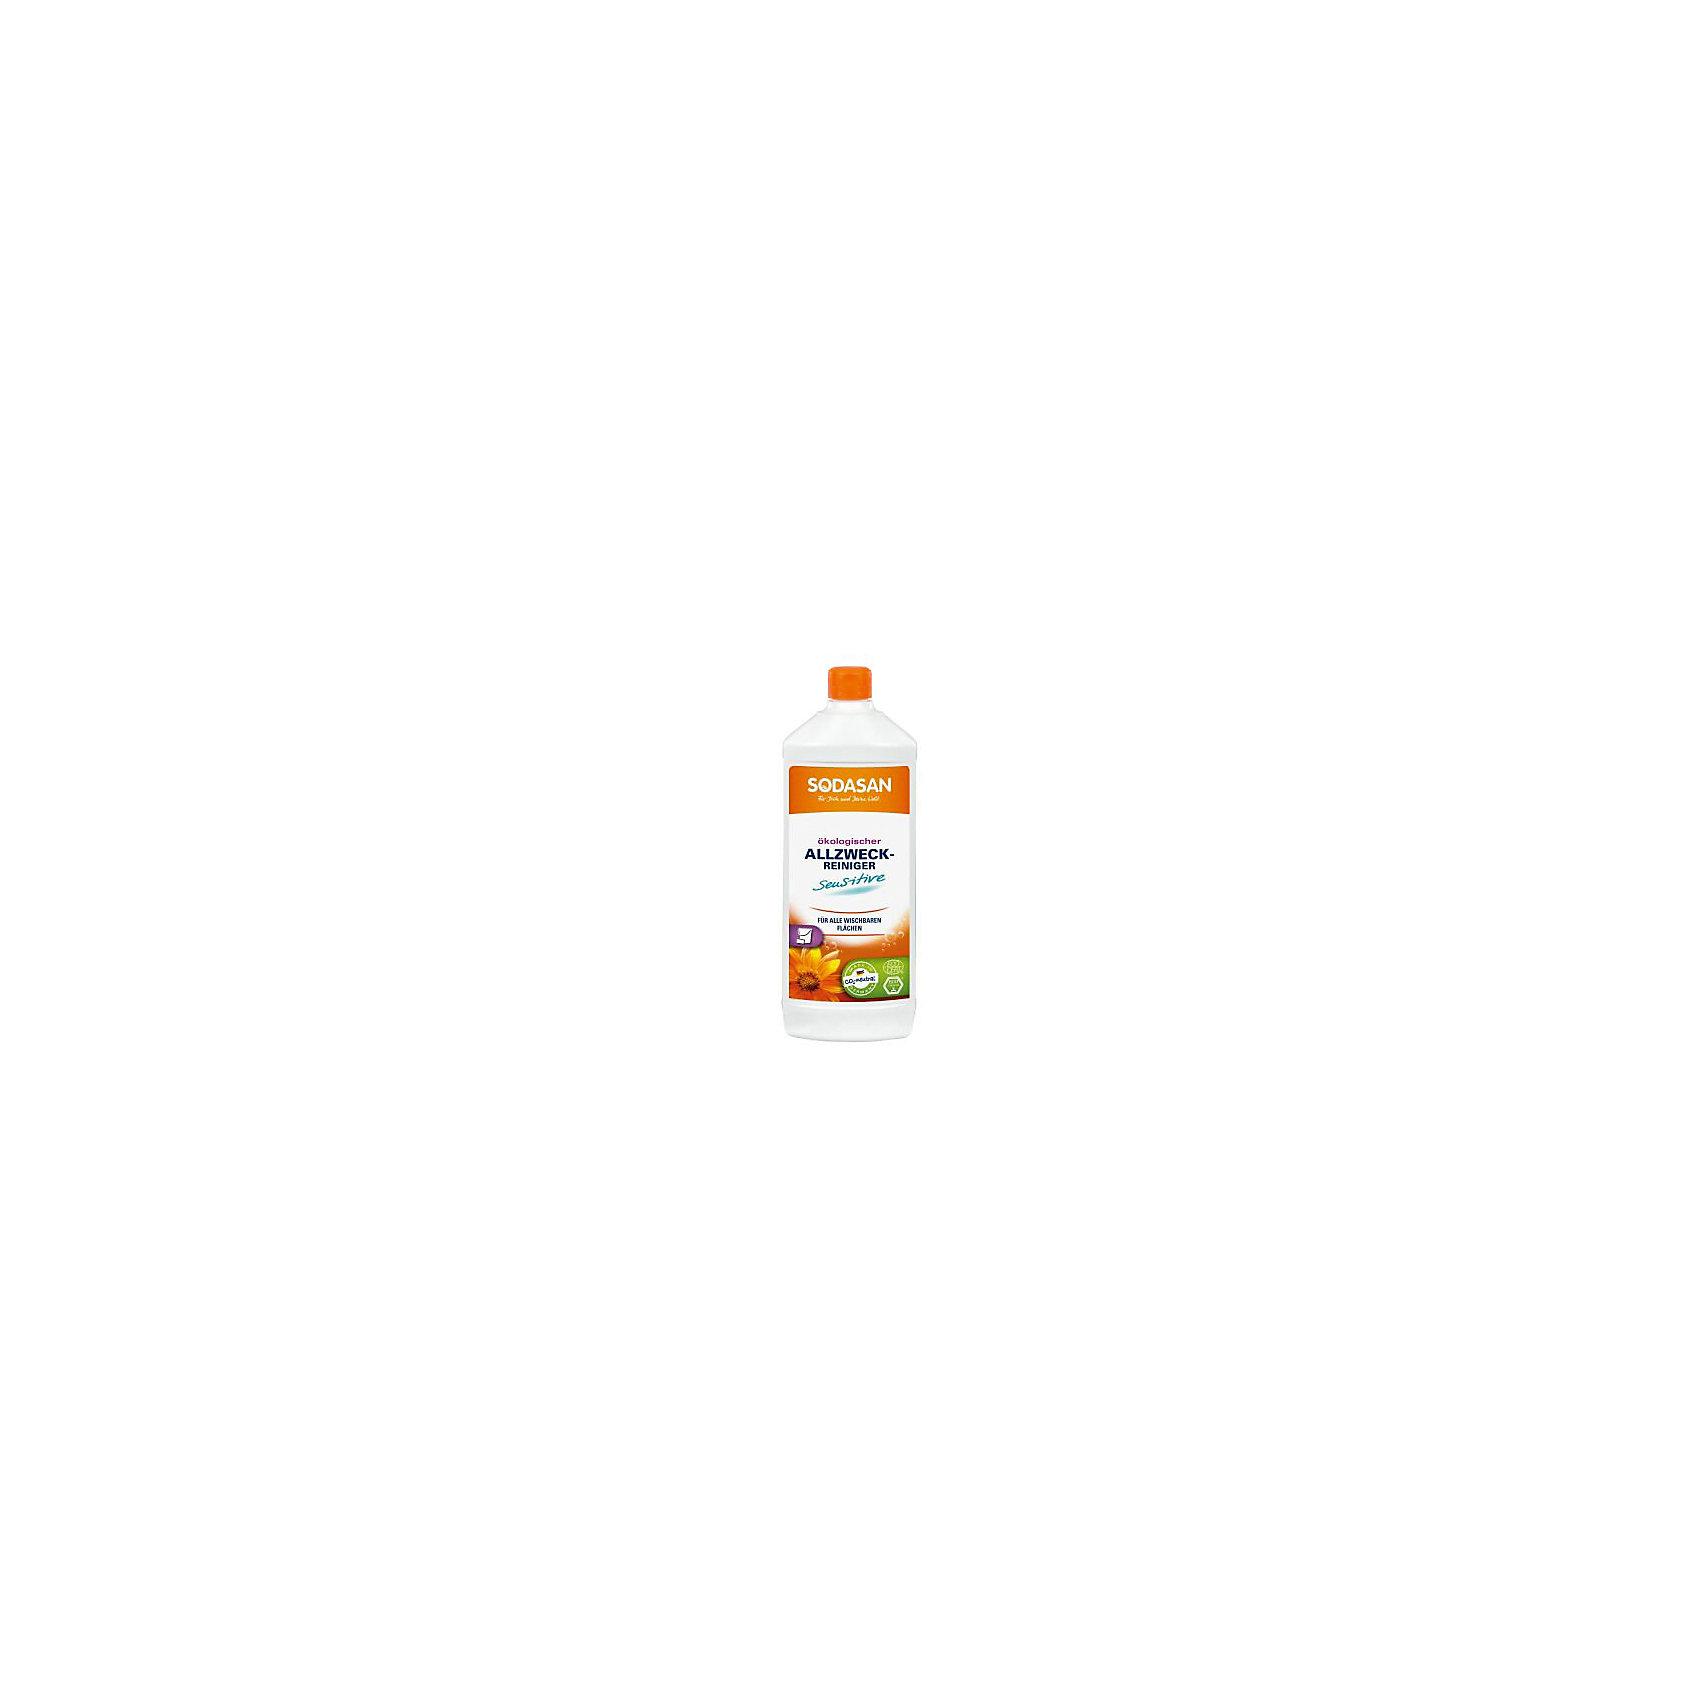 Средство универсальное моющее 1л, SodasanБытовая химия<br>Мягкая, нежная чистка<br>Преимущества:<br><br>с мылом из высококачественных органических растительных масел<br>мягкость, безвредные для кожи питательные формулы<br>без красителей или консервантов<br>подходит для использования на всех гладких, отмываемых поверхностей<br>Использование:<br>Универсальная очистка для удаления бытовых загрязнений со всех поверхностей, таких как дерево, камень, синтетика и ламинат.<br><br>Преимущества:<br>Продукт содержит только растительные очищающие вещества. Произведено в процессе низкотемпературной сапонификации. Продукт является CO2-нейтральным. Мы используем только электроэнергию Greenpeace energy, следовательно, на 100% обходимся без ядерной энергии.<br><br>Ширина мм: 250<br>Глубина мм: 100<br>Высота мм: 250<br>Вес г: 1000<br>Возраст от месяцев: 216<br>Возраст до месяцев: 1188<br>Пол: Унисекс<br>Возраст: Детский<br>SKU: 5407627